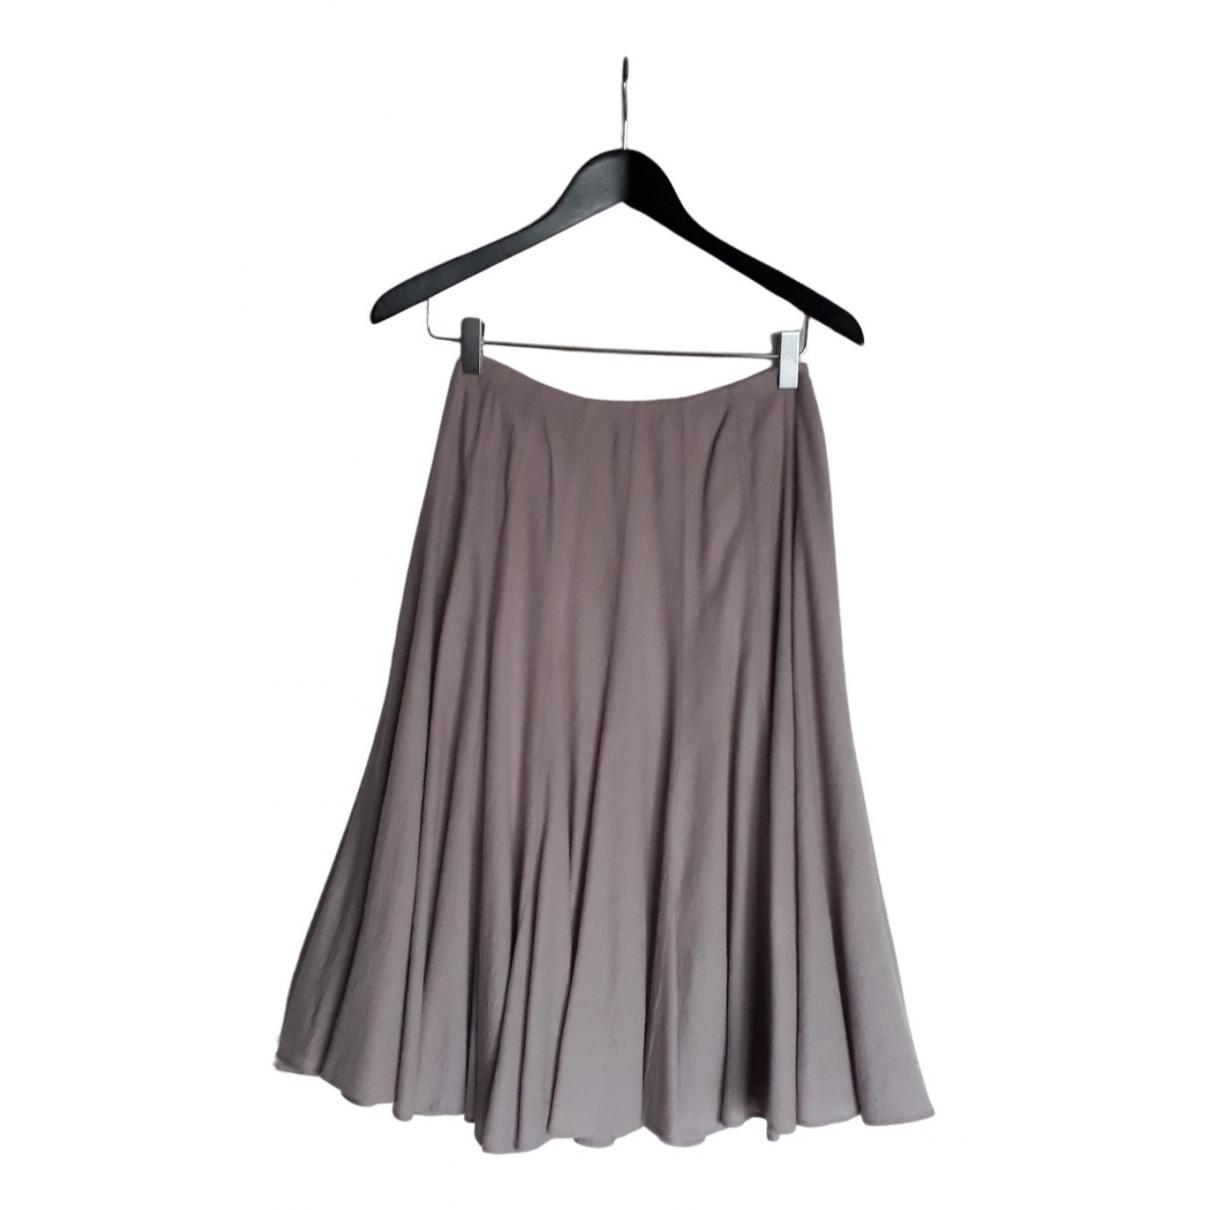 Dries Van Noten - Jupe   pour femme en laine - gris